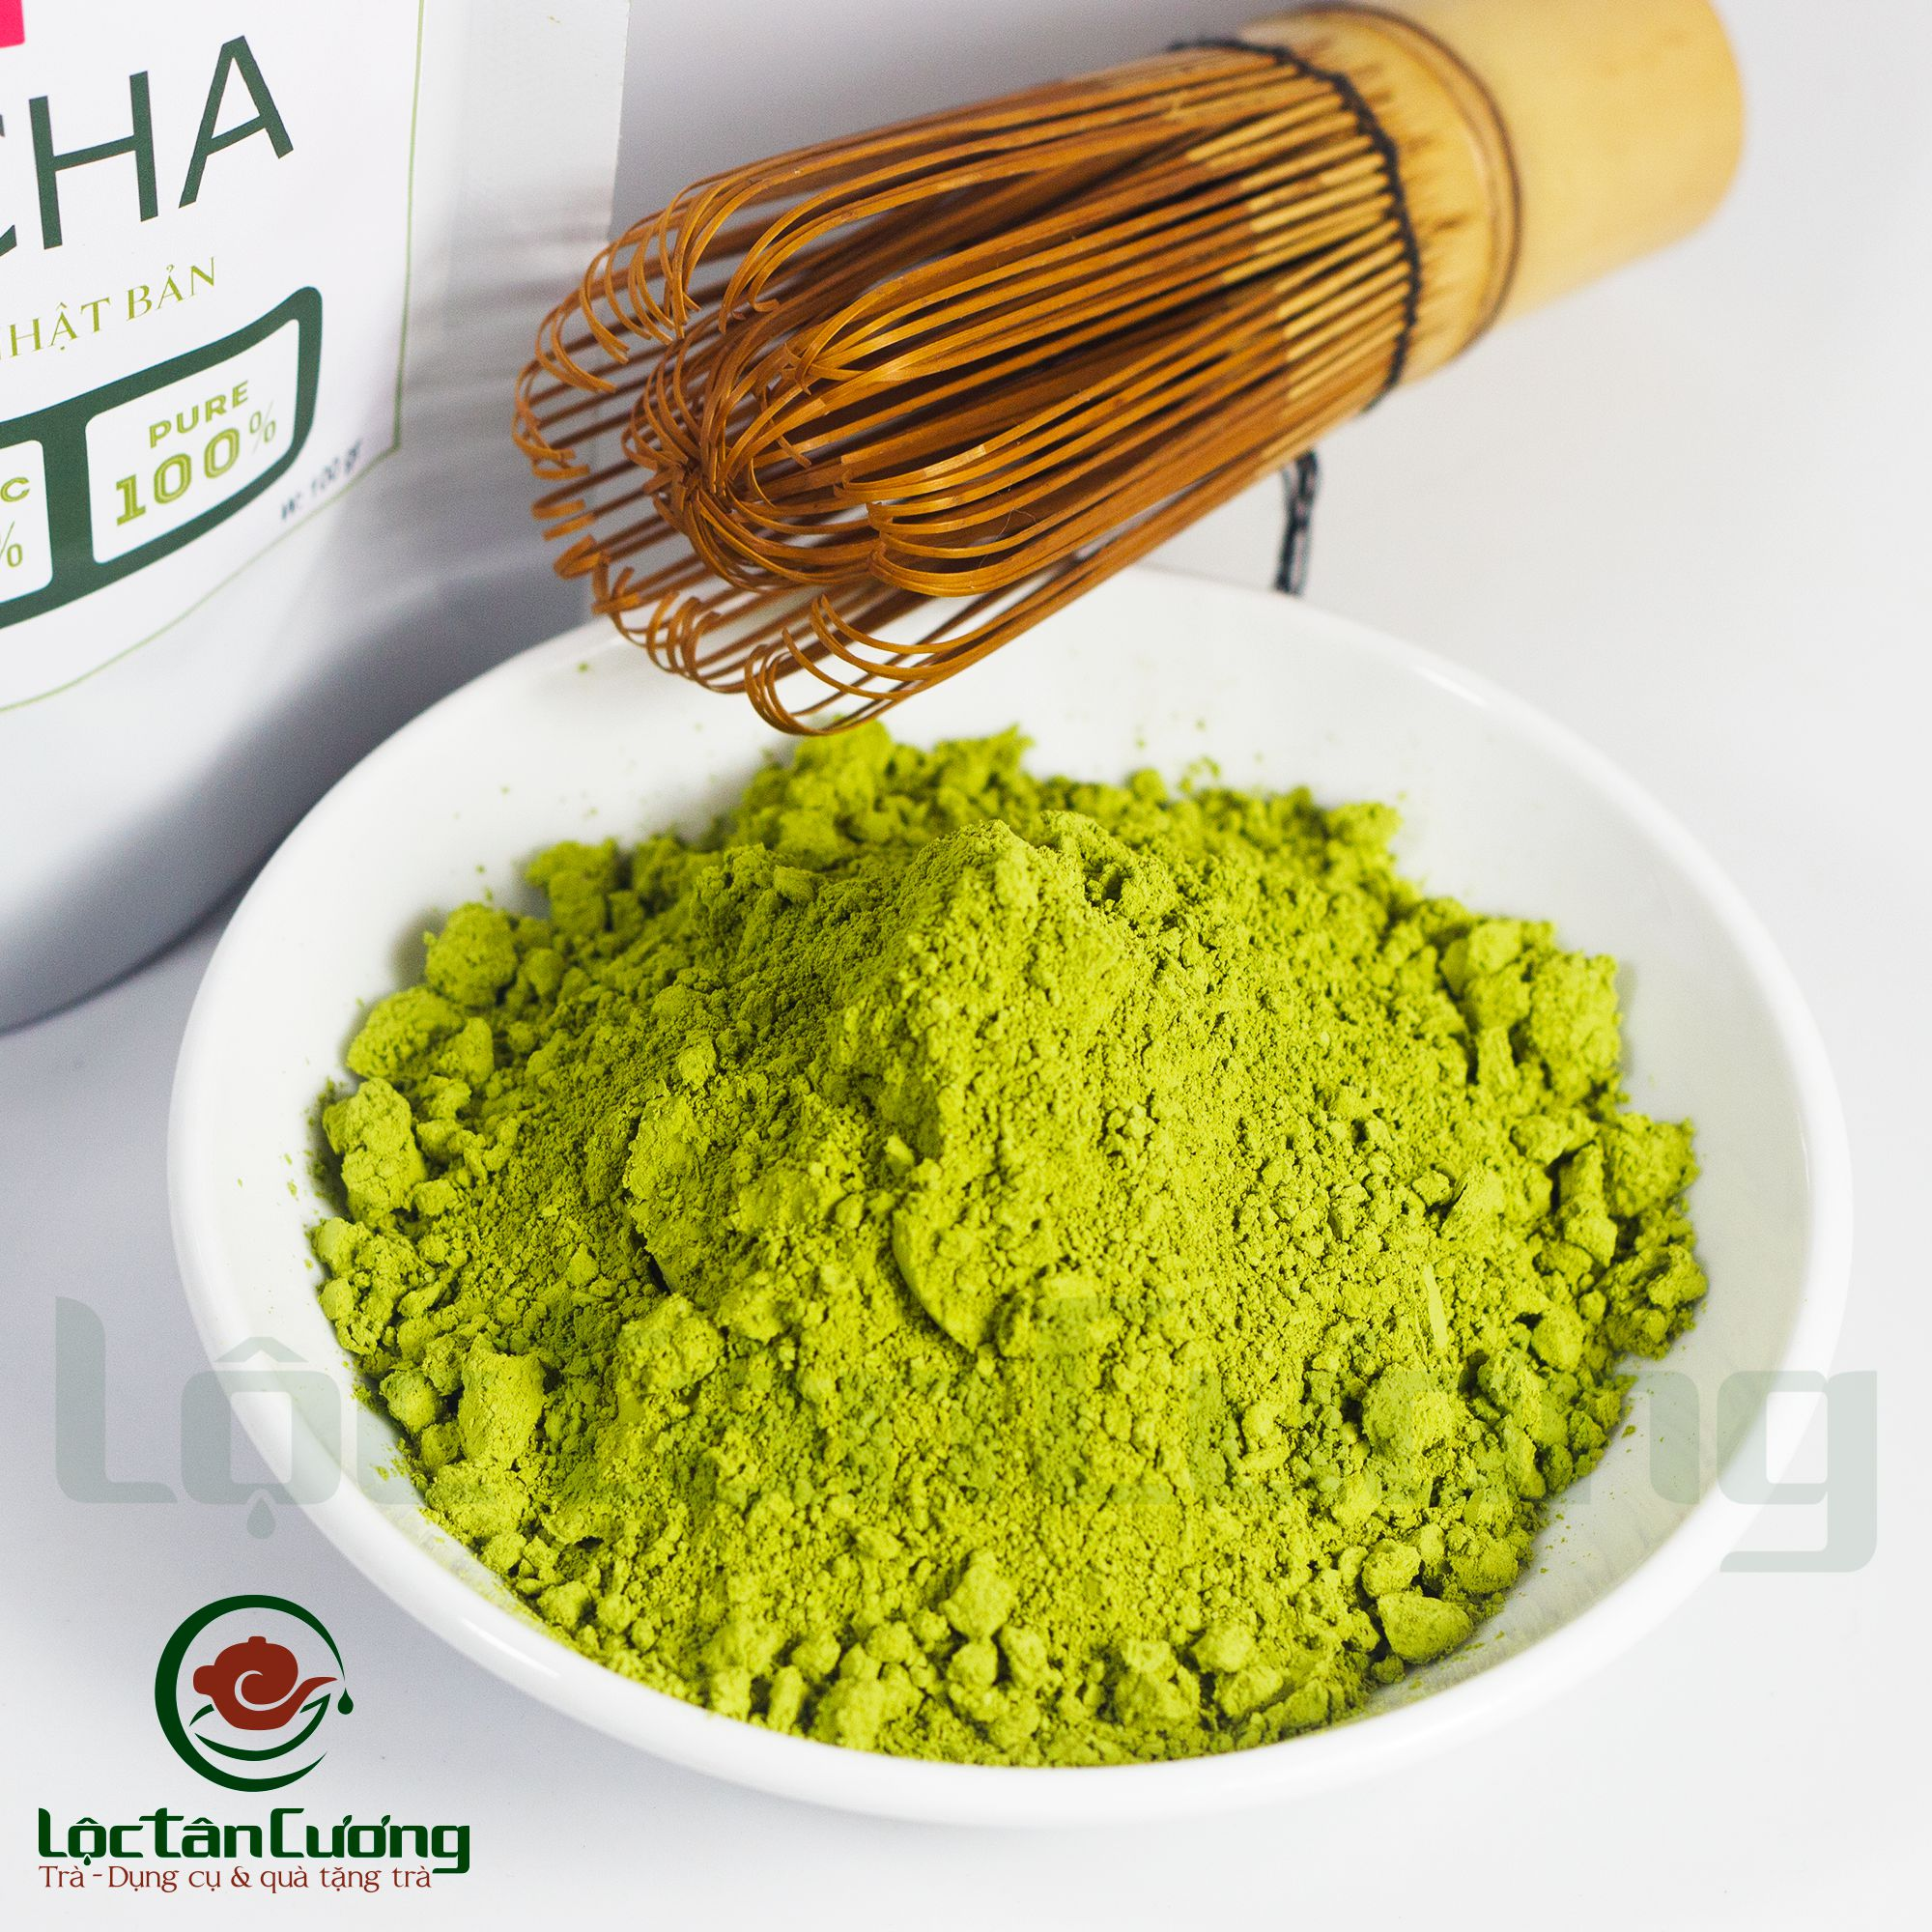 loại bột trà xanh nổi tiếng nhất thế giới đó là matcha của Nhật